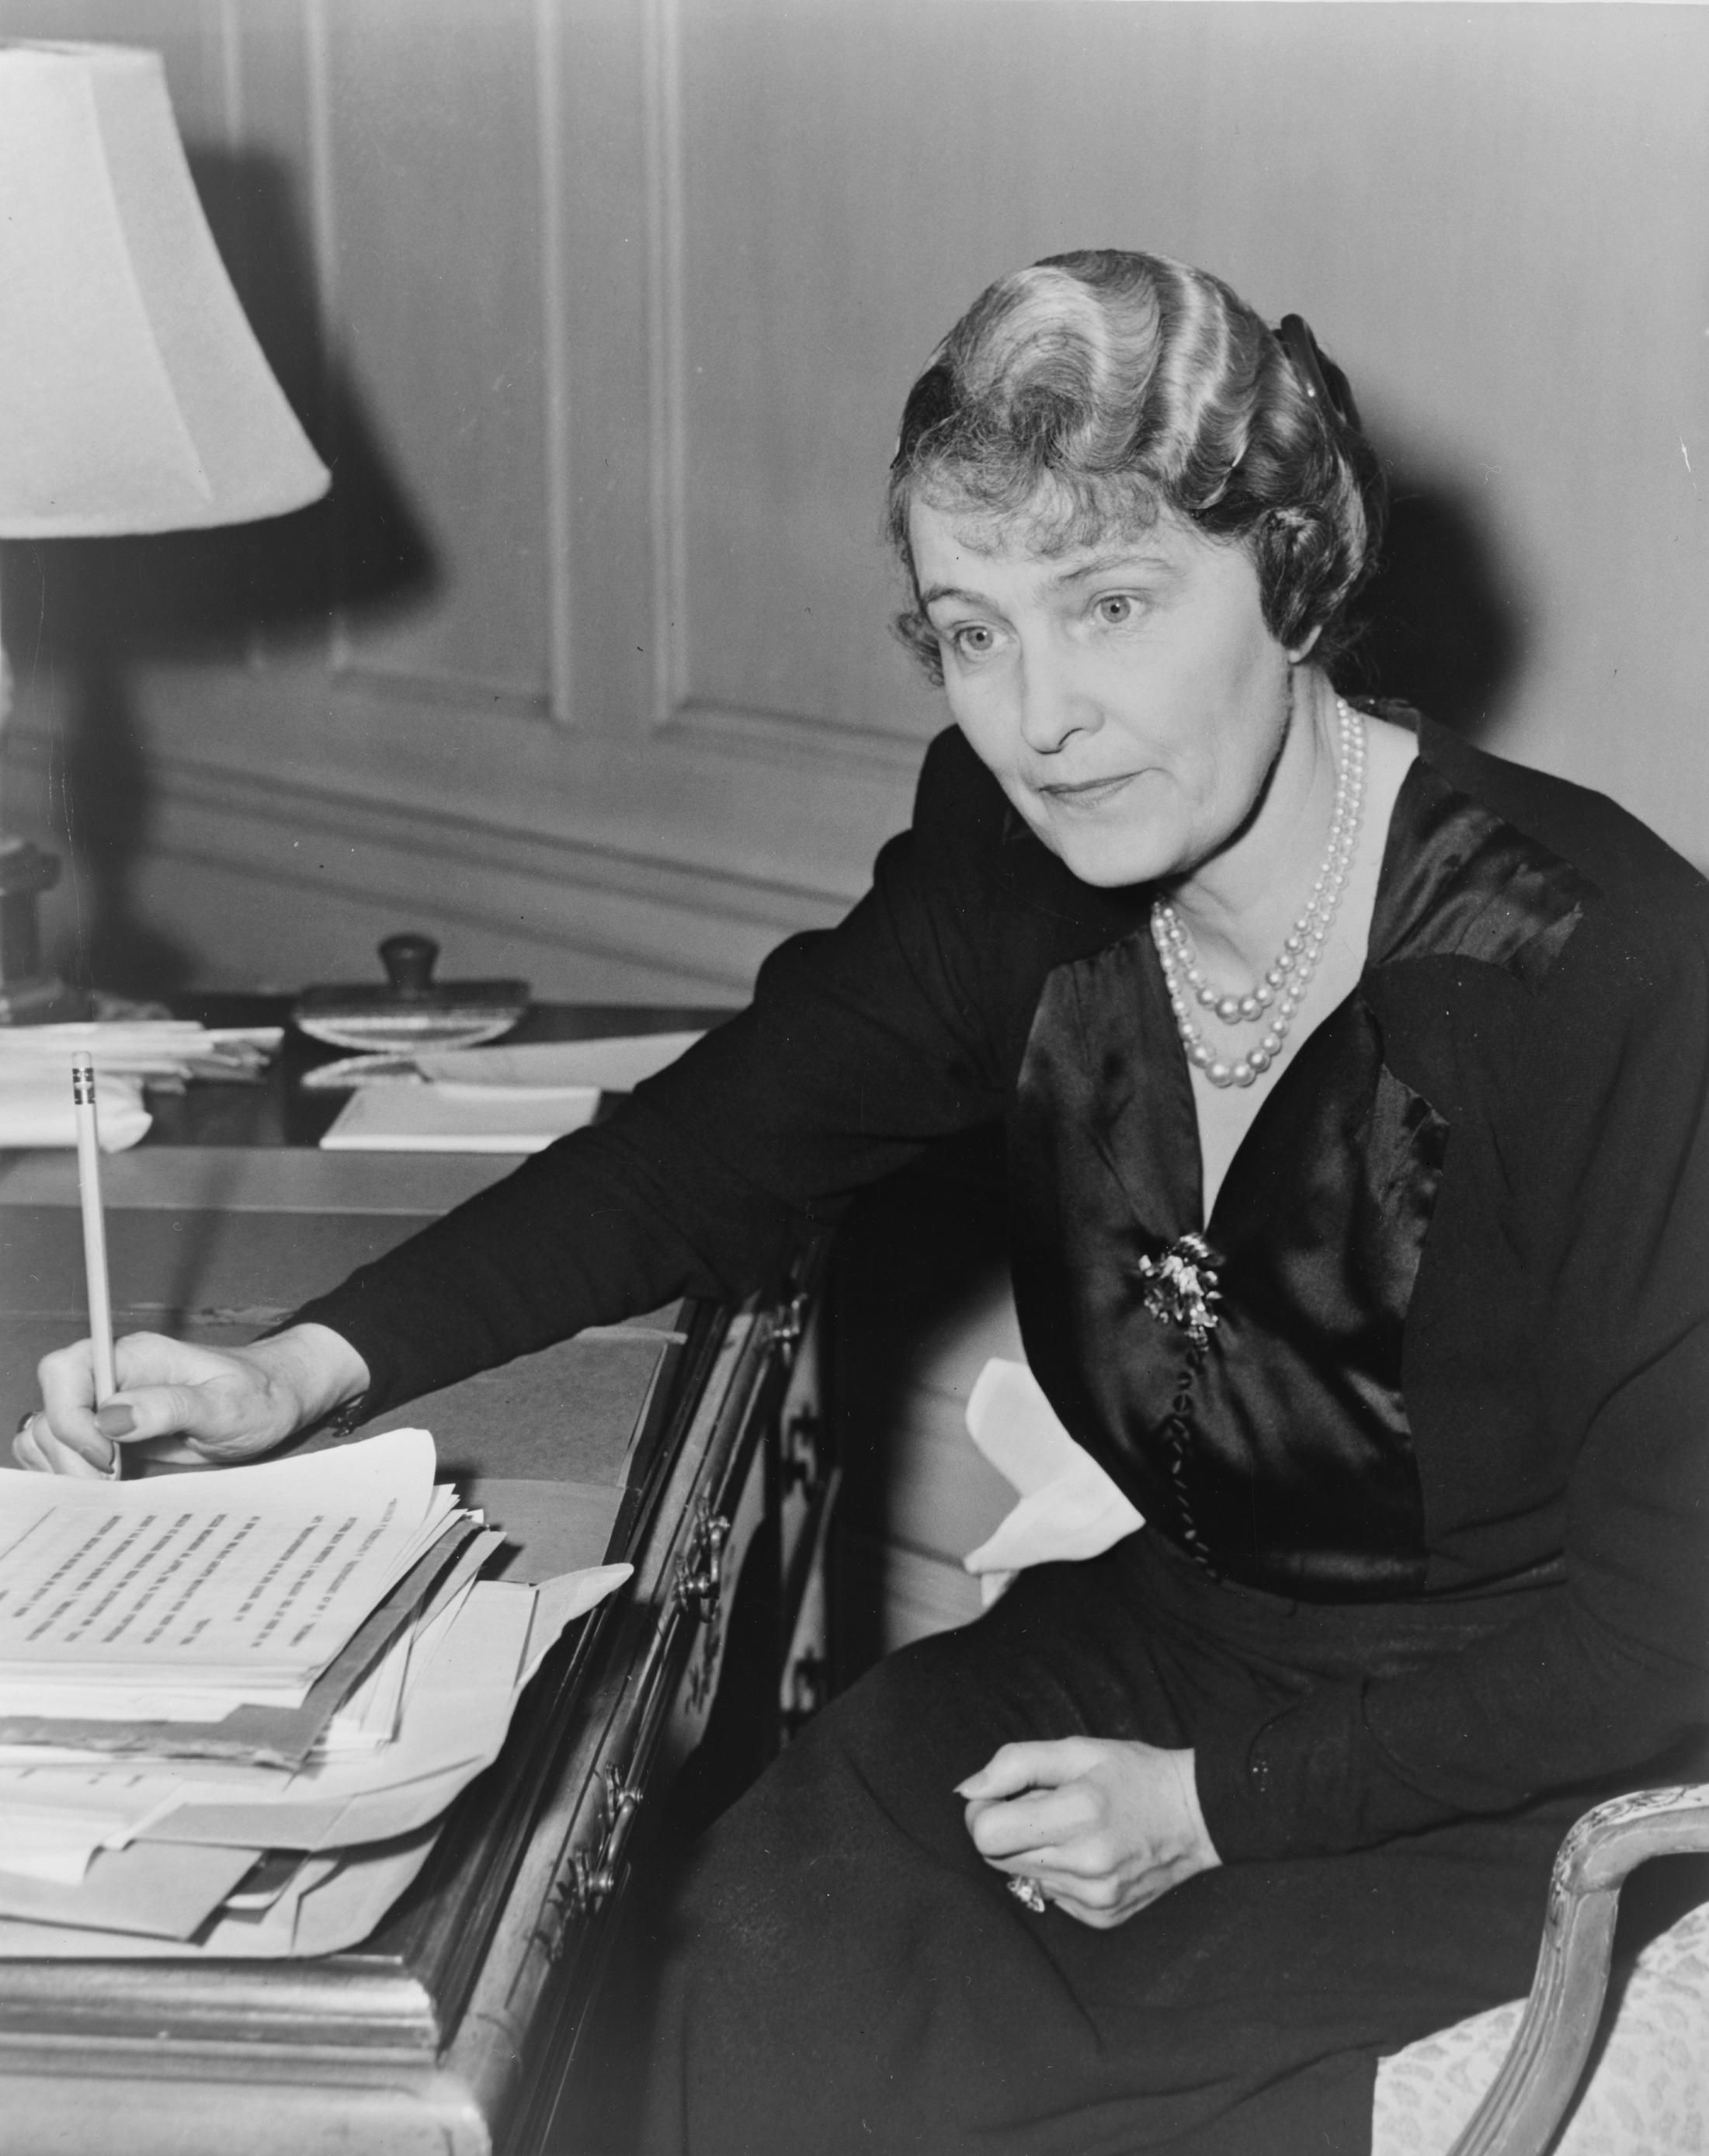 Marjorie Merriweather Post